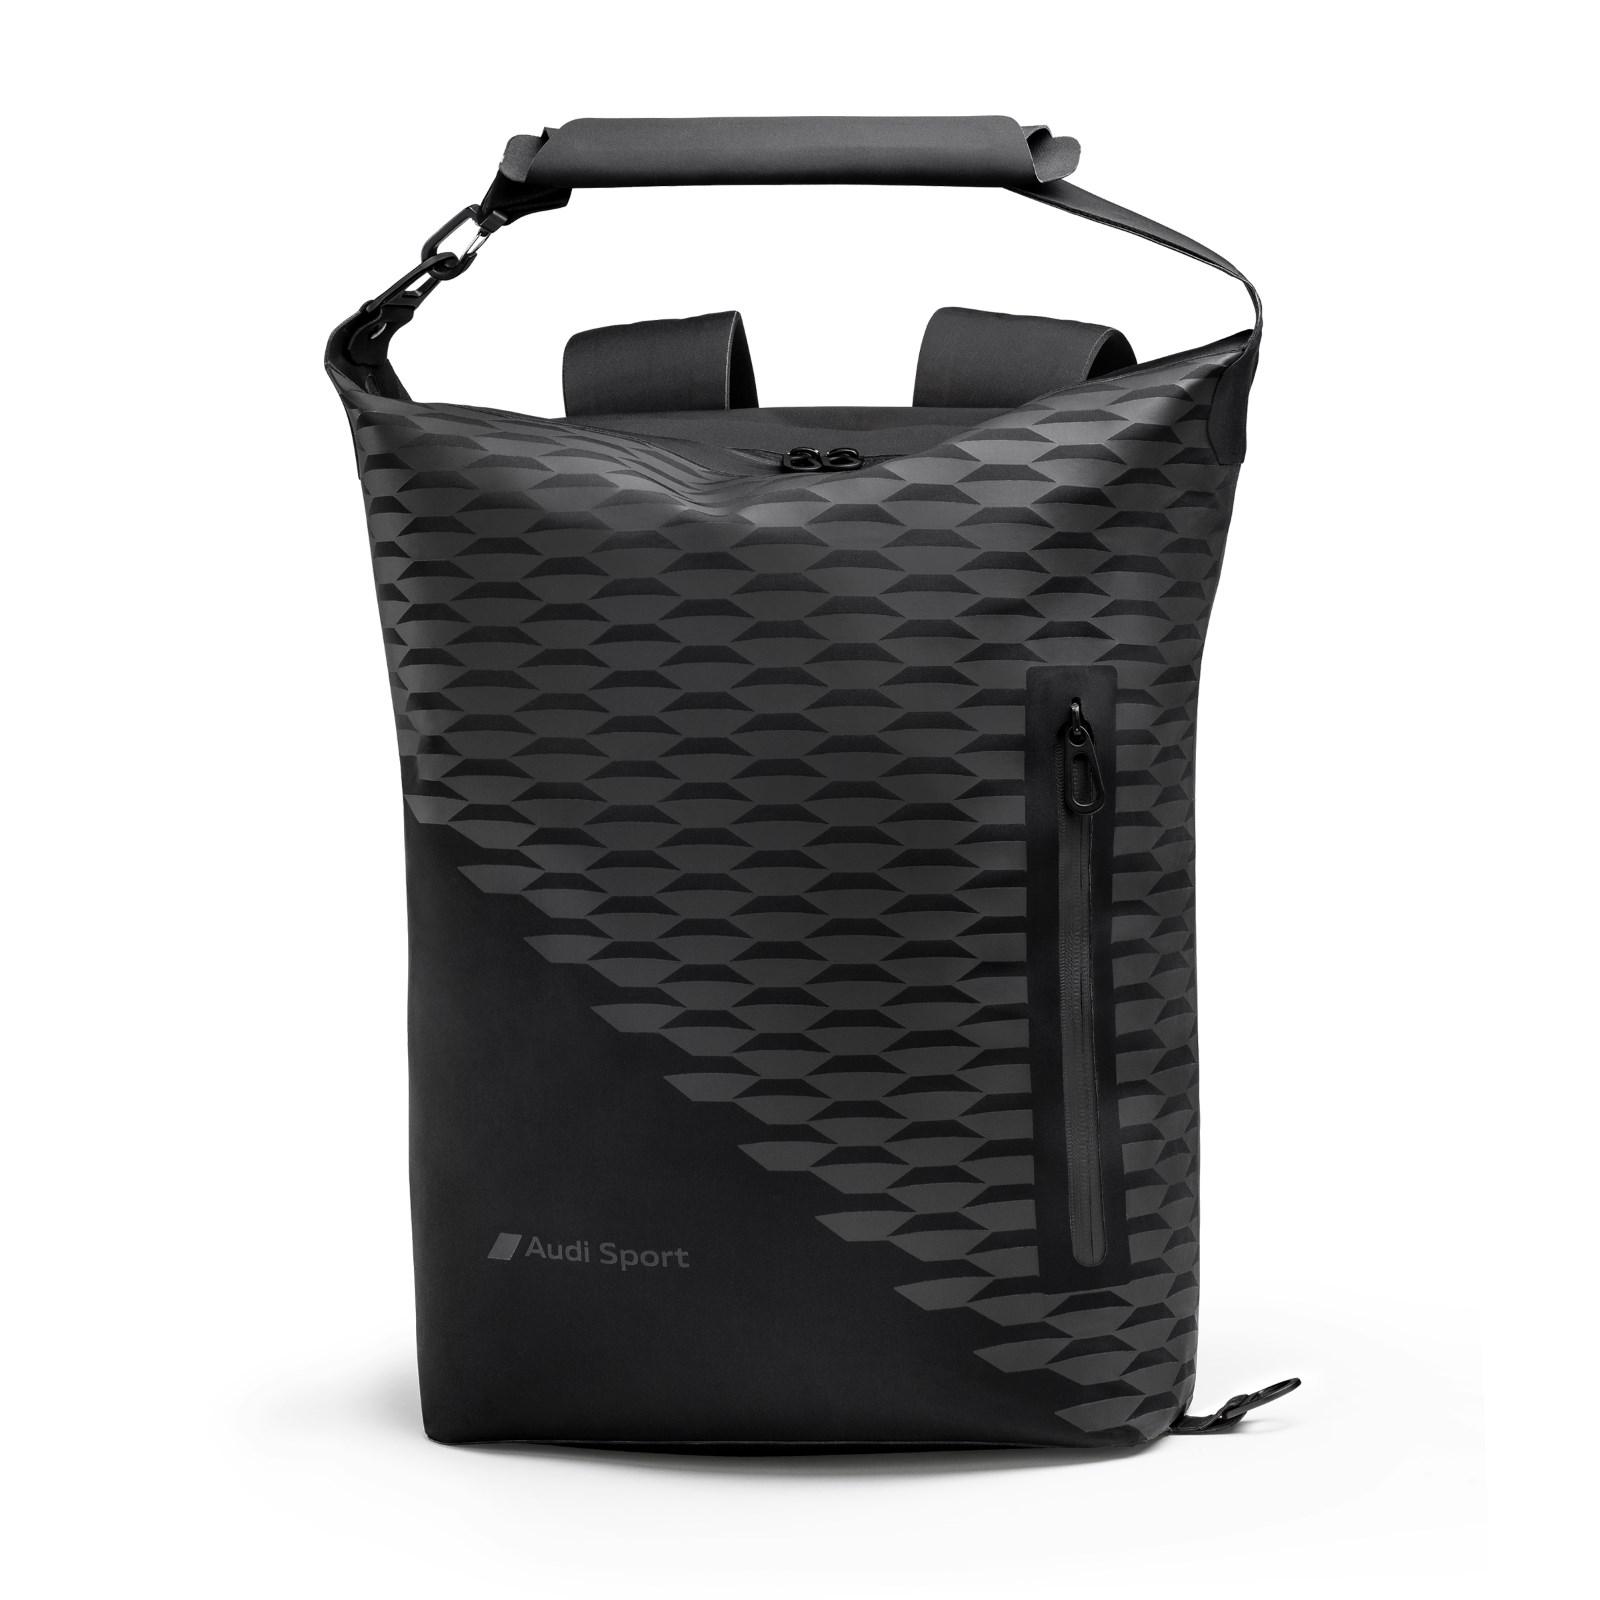 Audi Sport Rucksack schwarz Reiserucksack Tasche